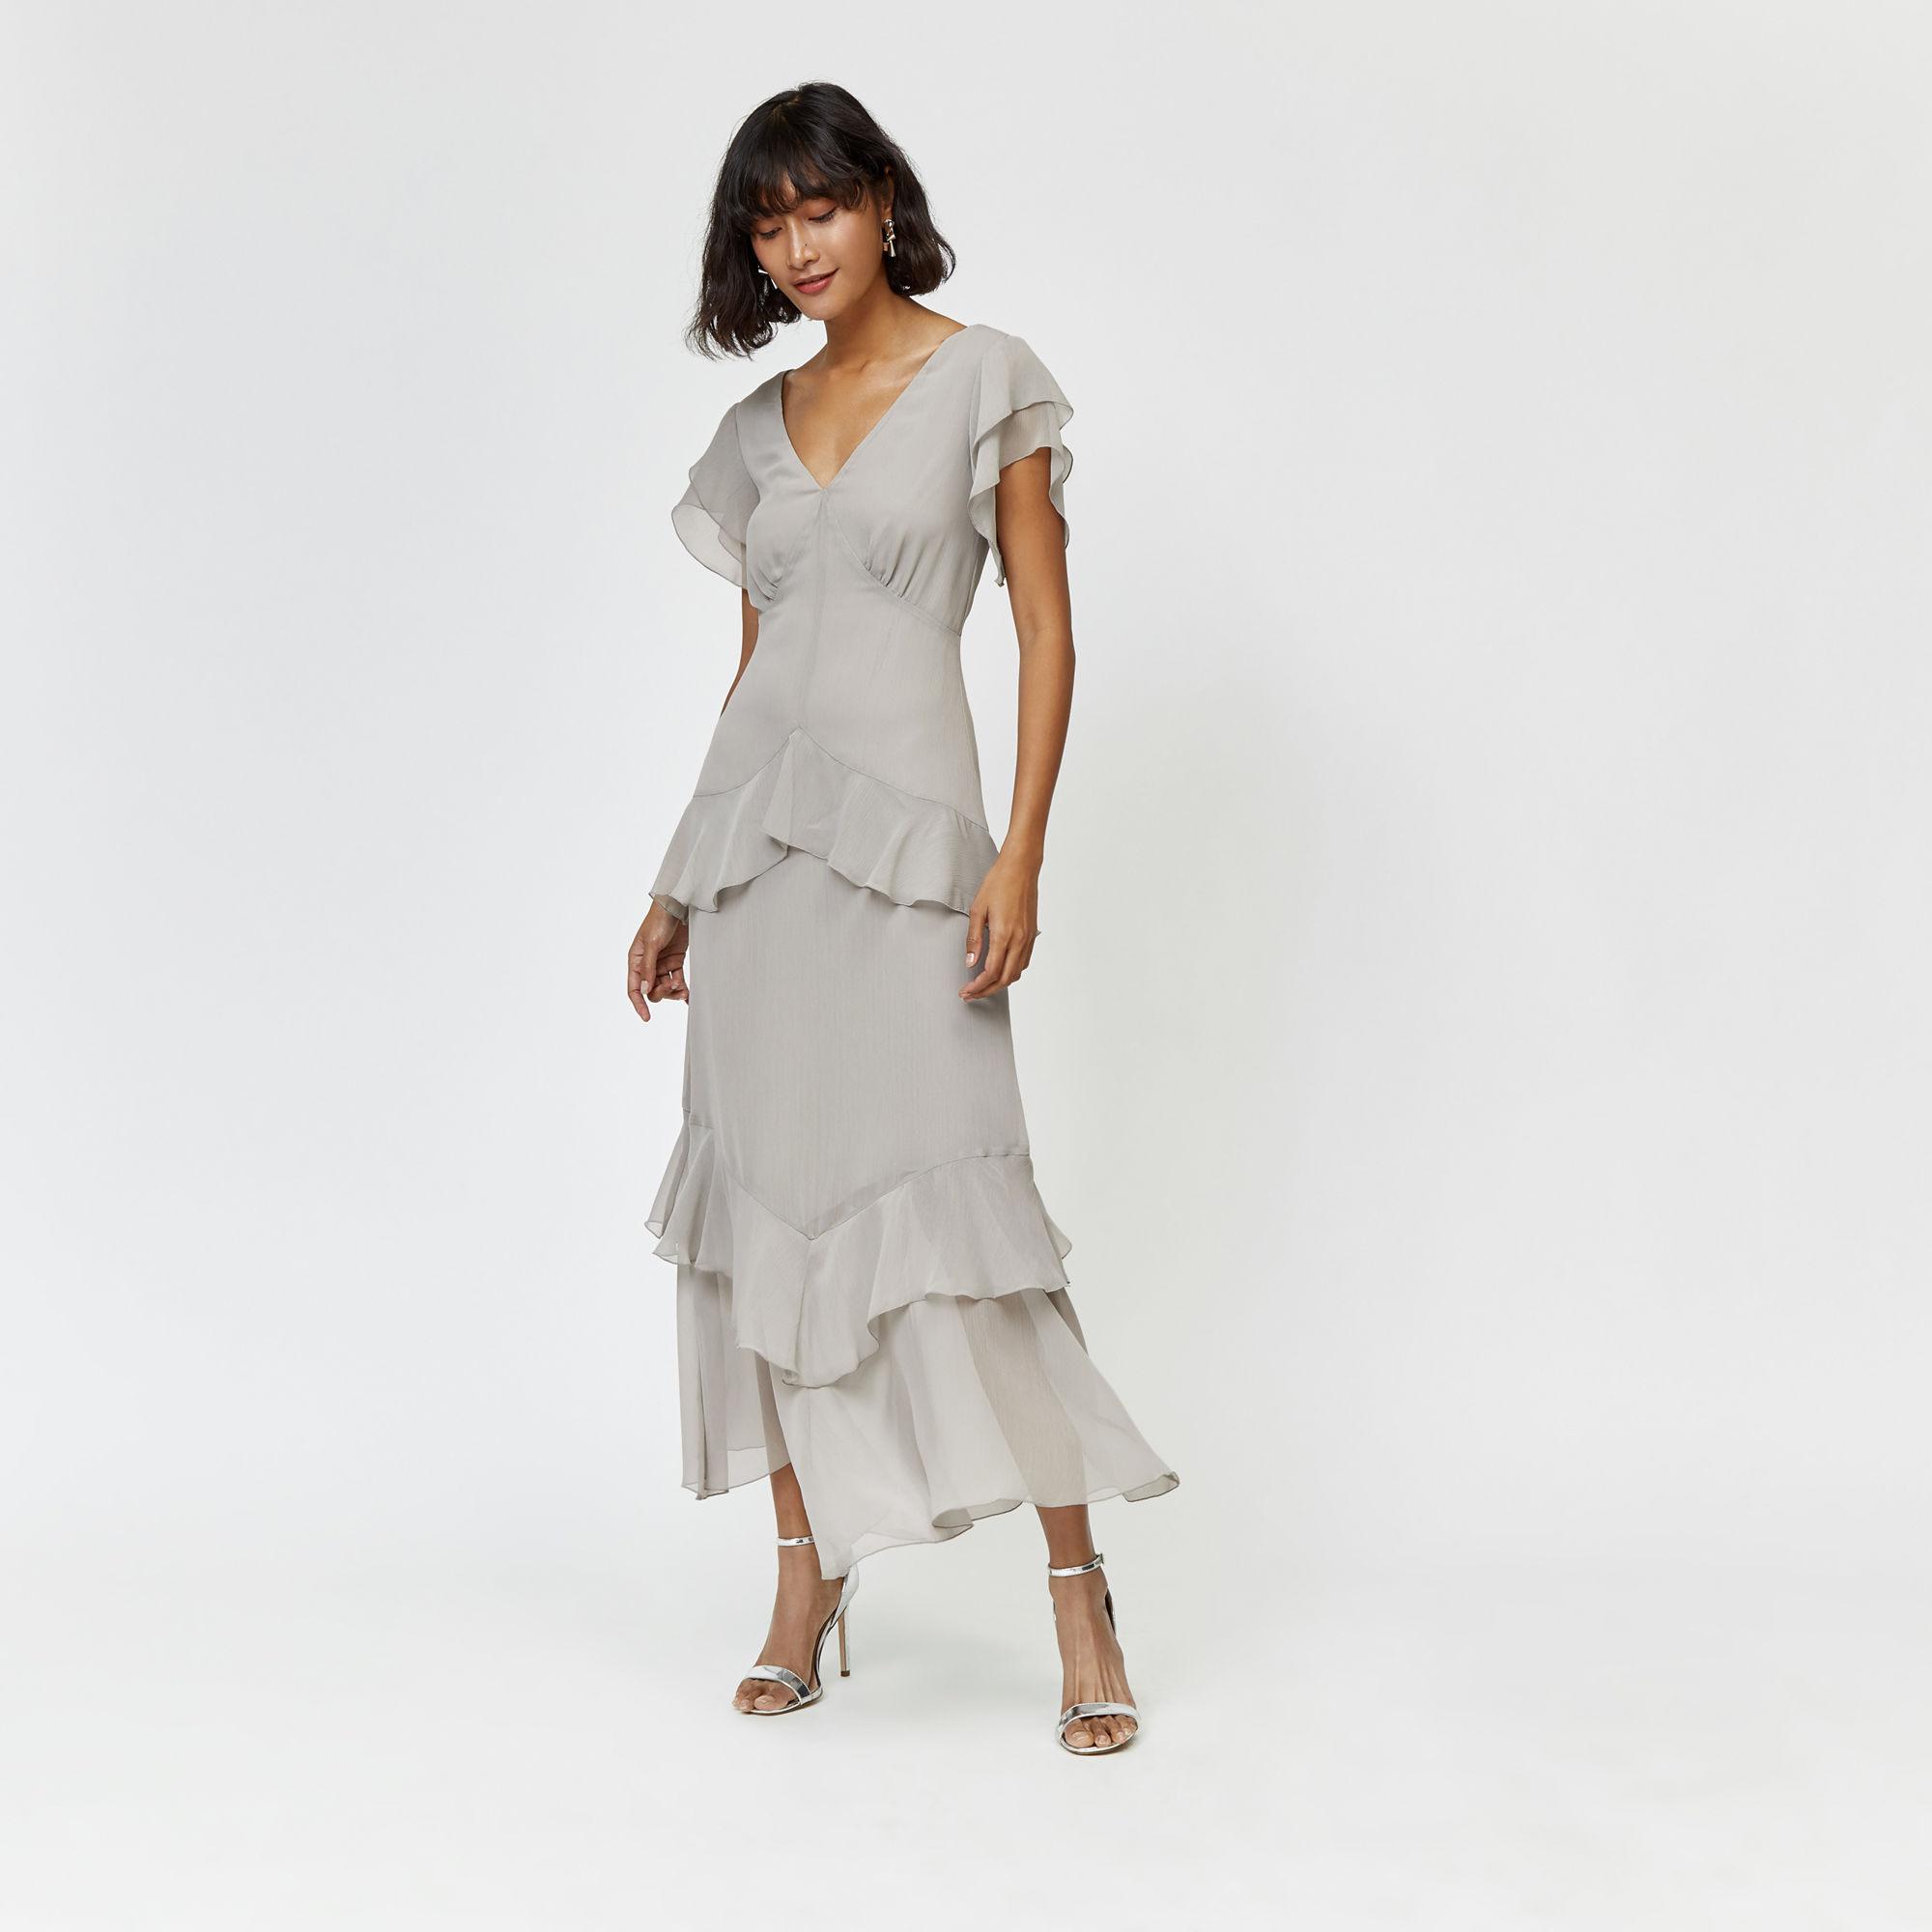 Abend Cool Maxi Winterkleider Design - Abendkleid